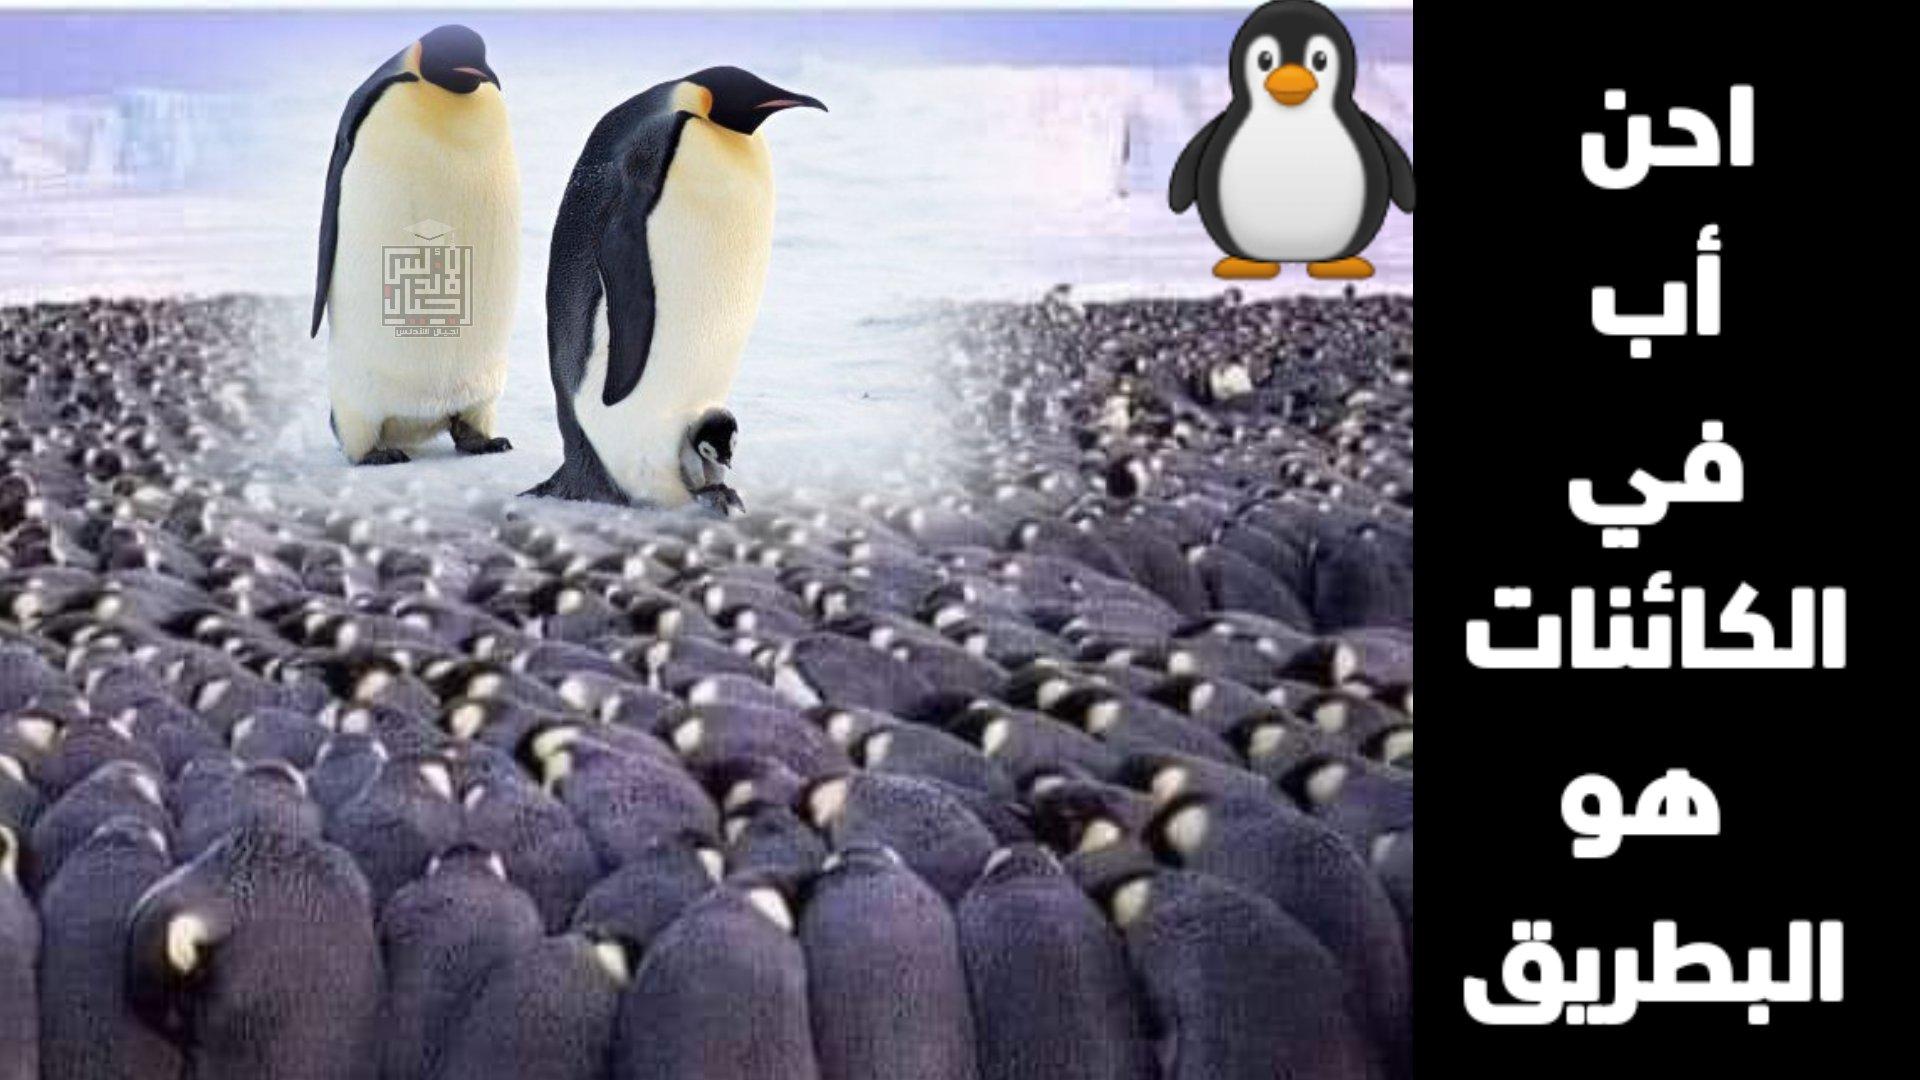 عجائب الحيوانات   احن أب في الكائنات هو البطريق